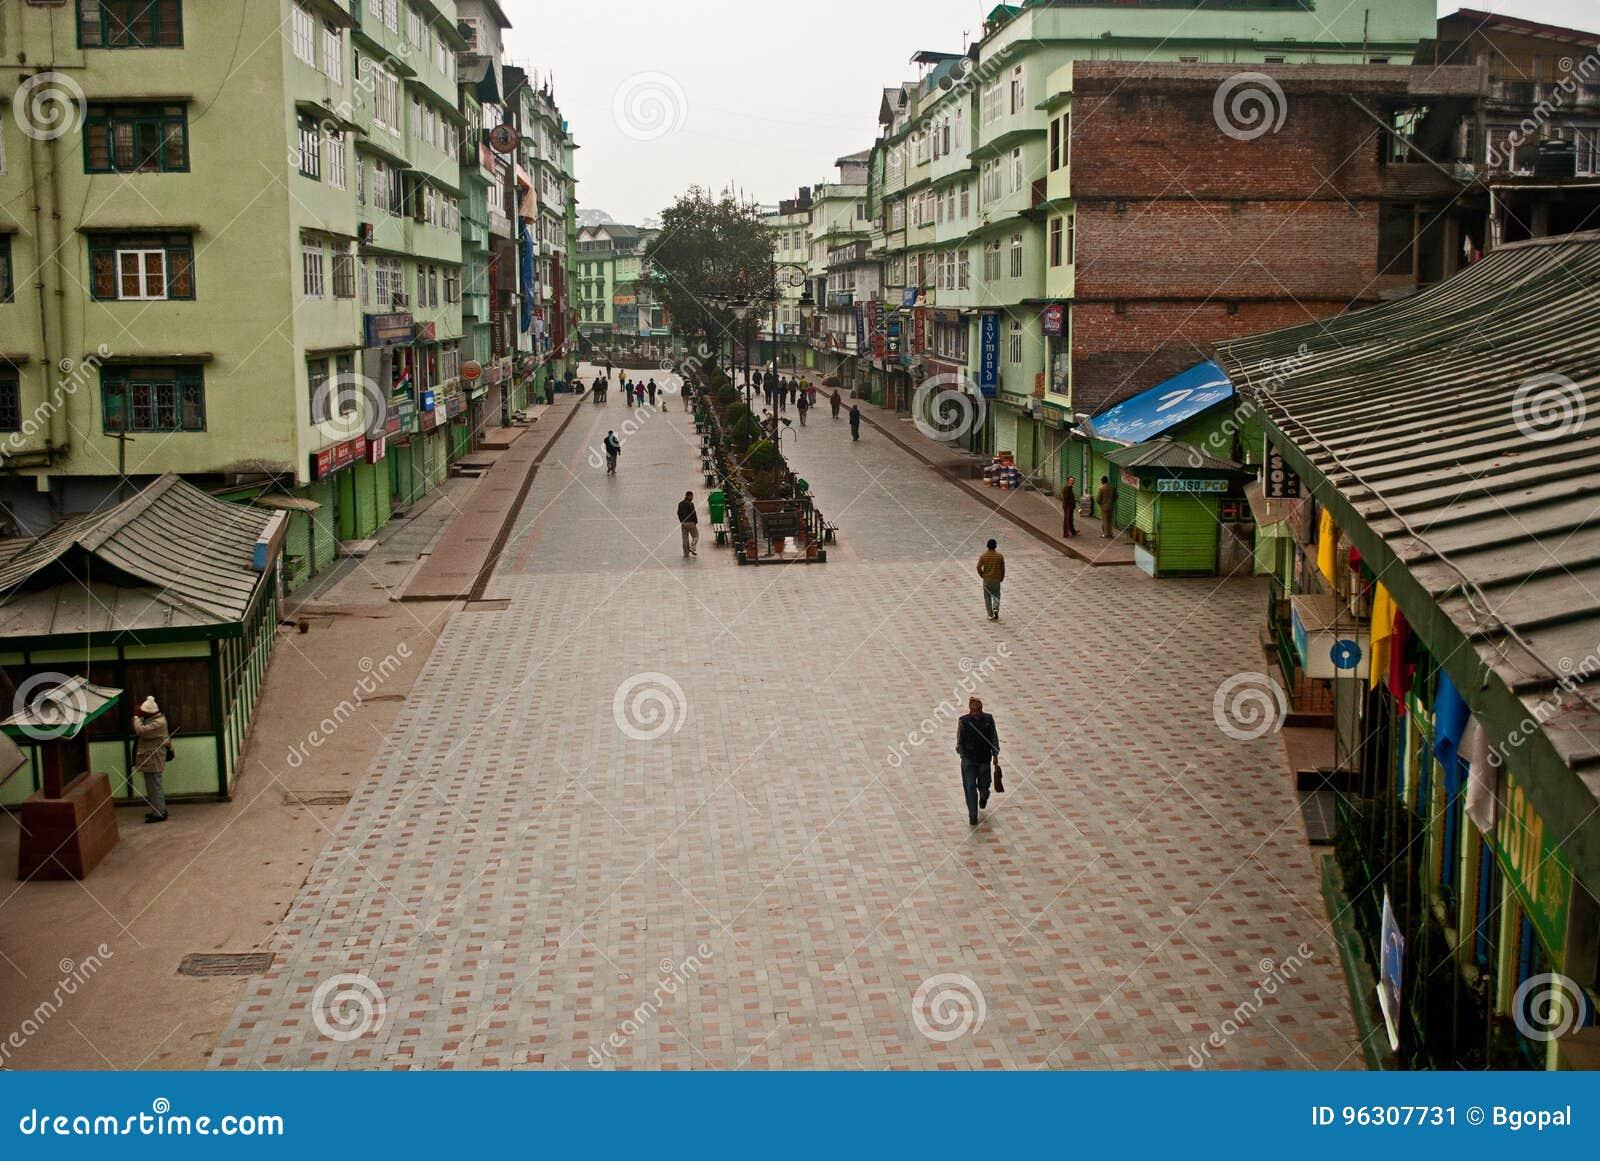 MG Marg, Gangtok